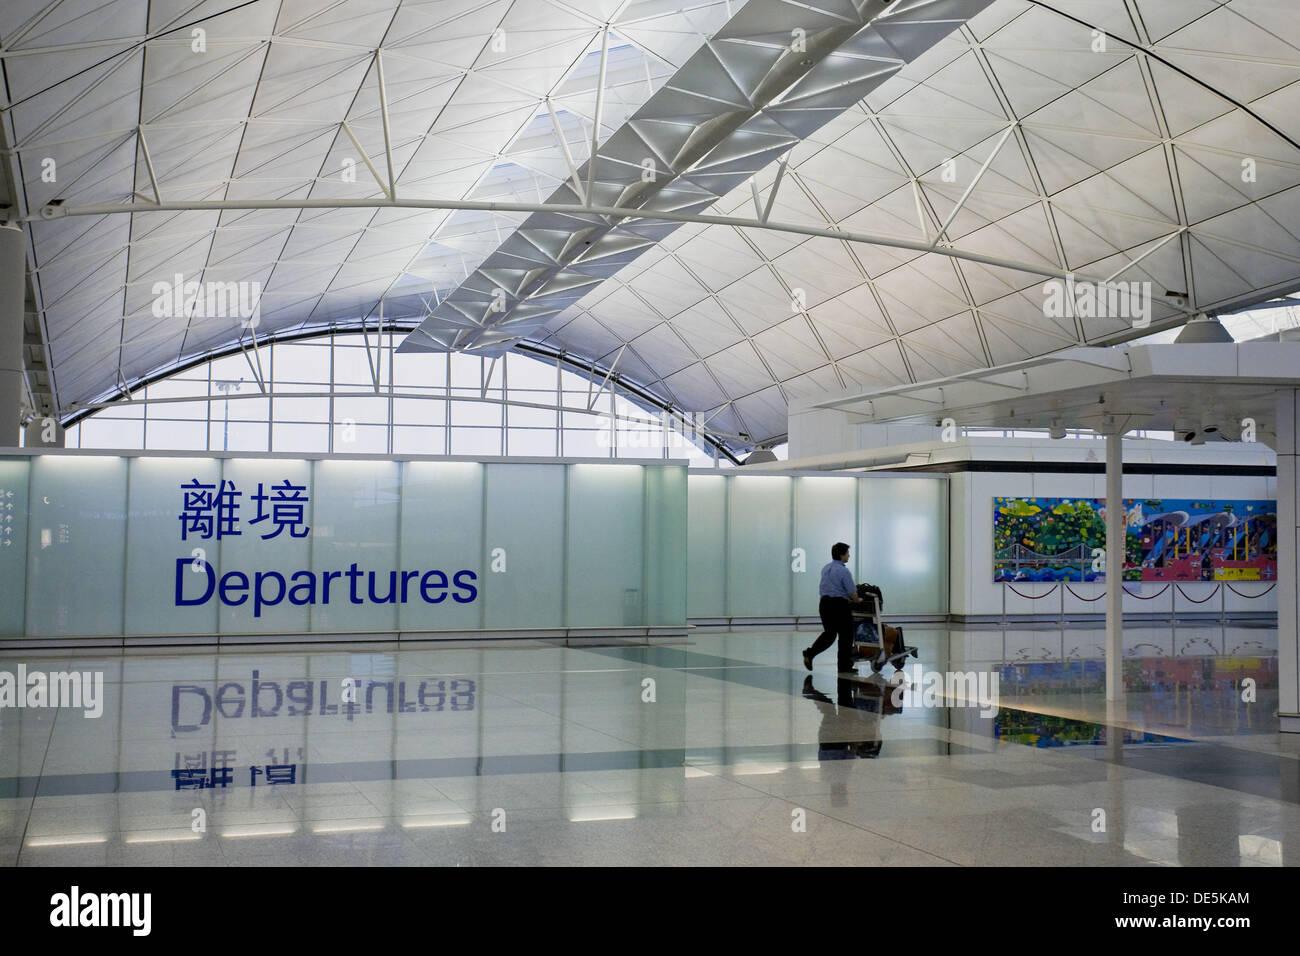 Hong Kong Chek Lap Kok International Airport, Departure Hall, Hong Kong, China - Stock Image